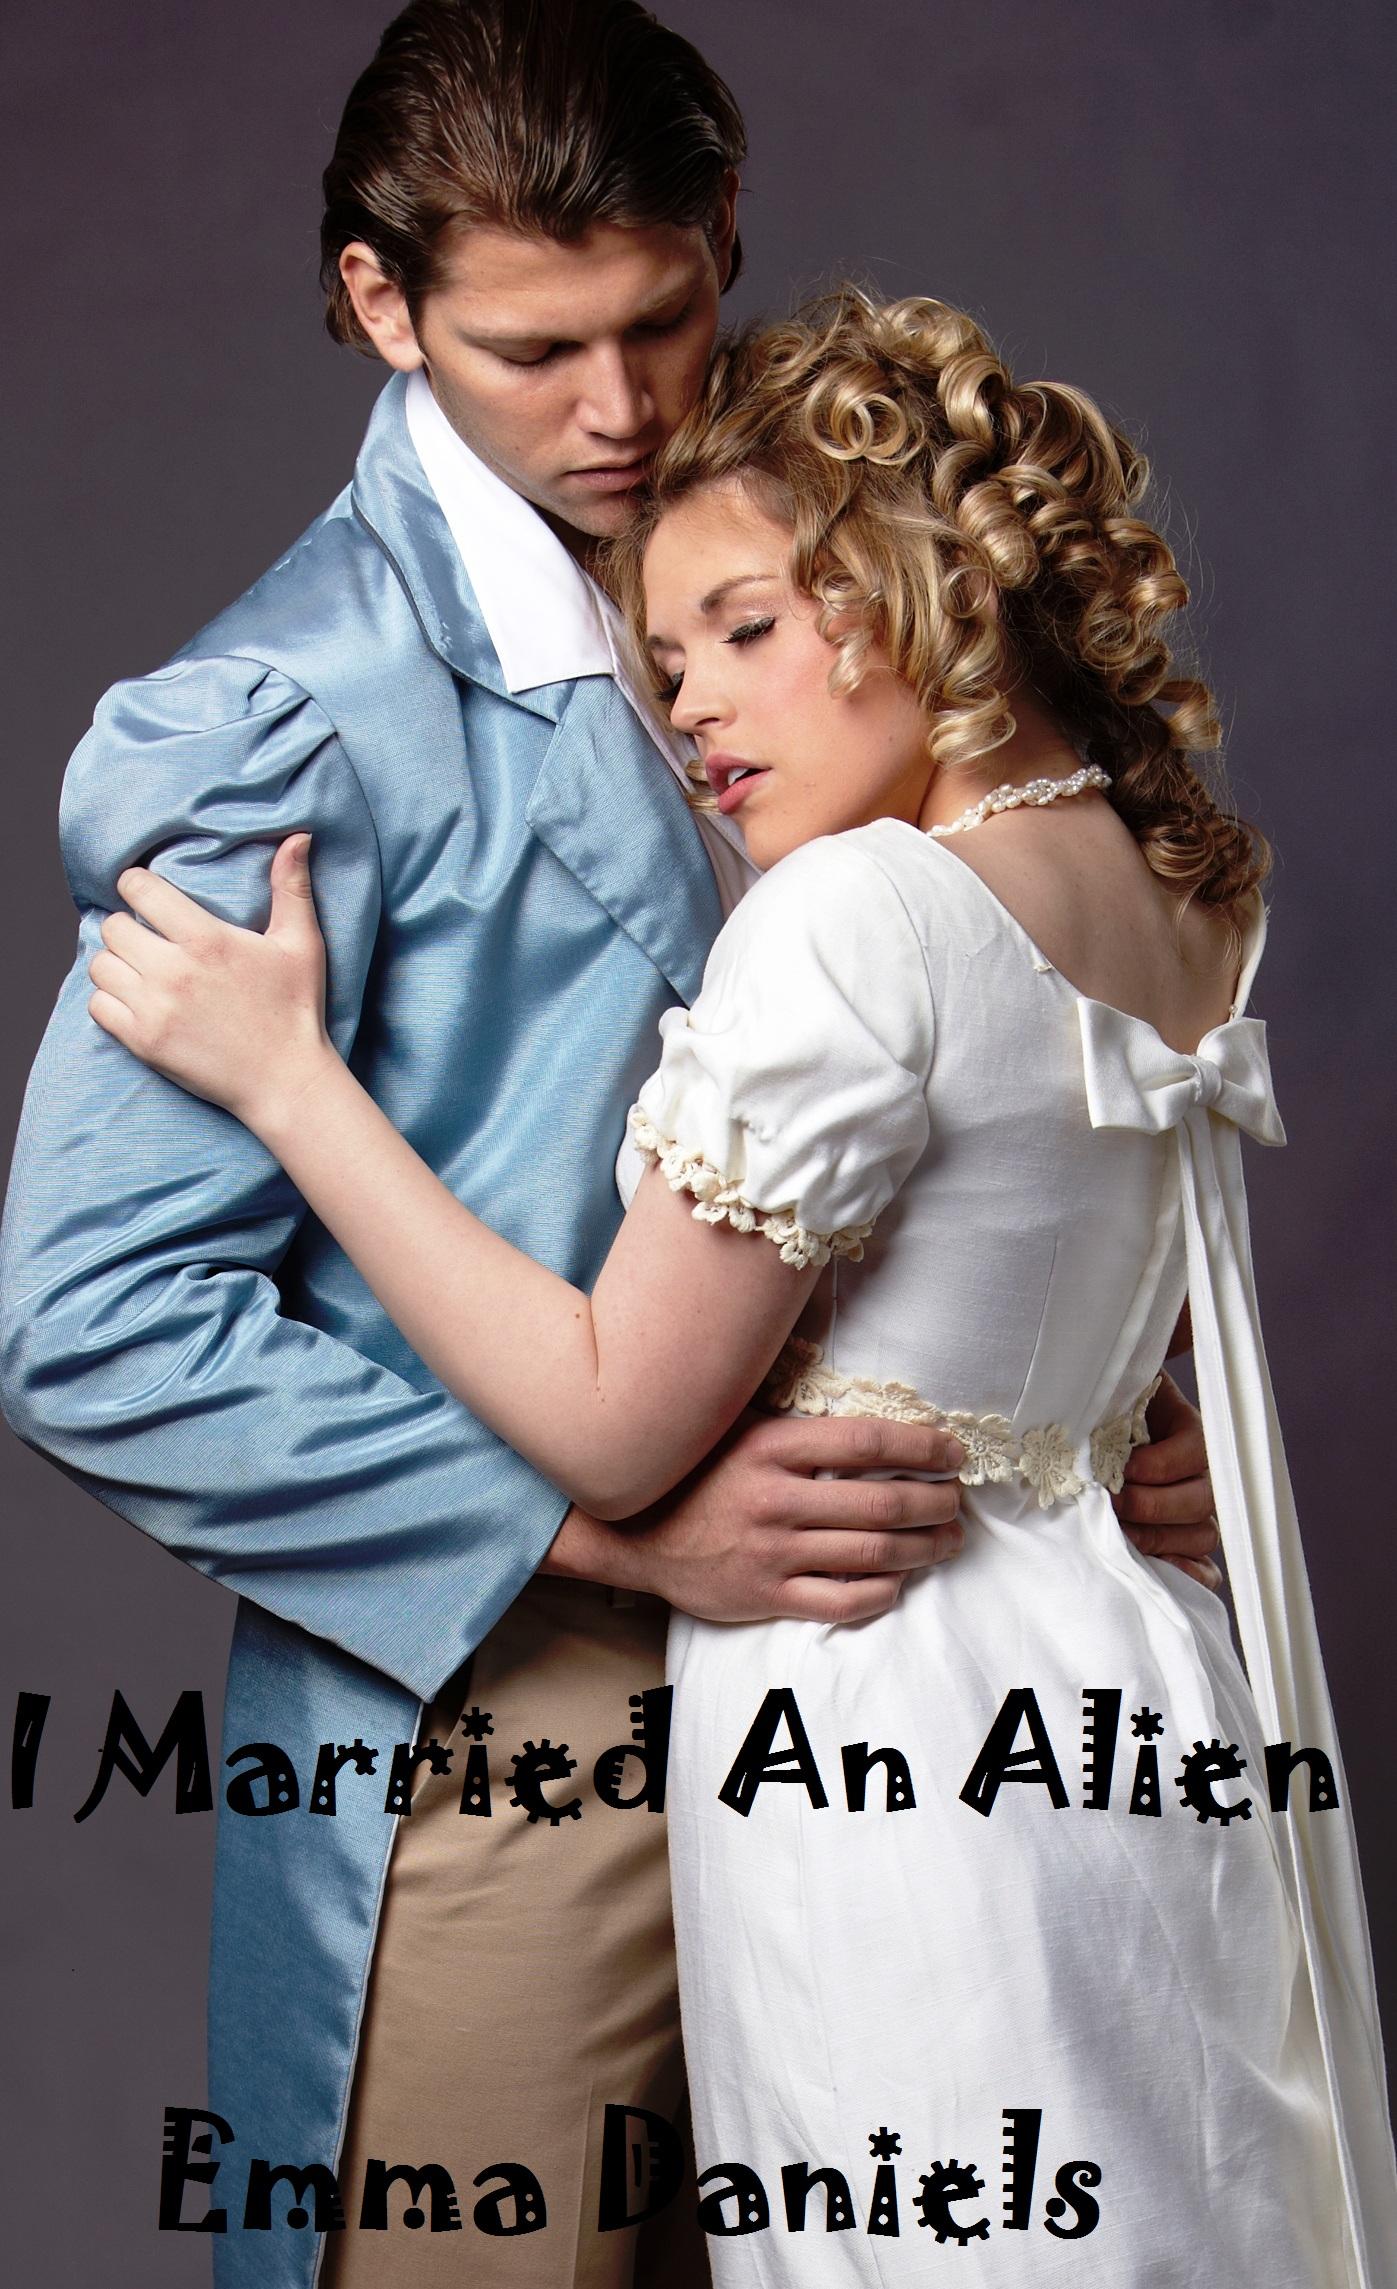 I Married An Alien The Treaty, Book 1 (sst-ccv)